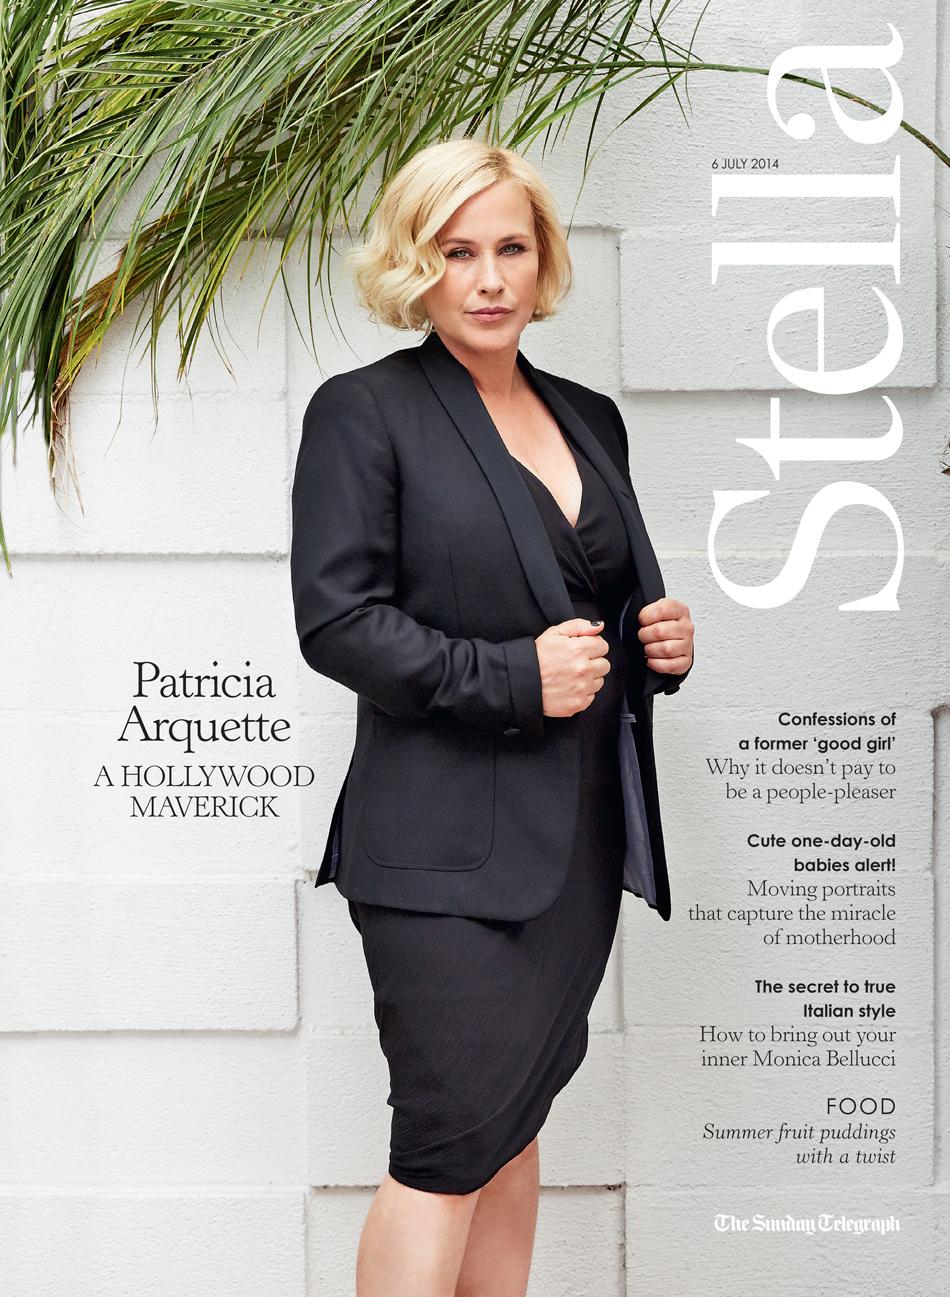 patricia.arquette.cover.jpg